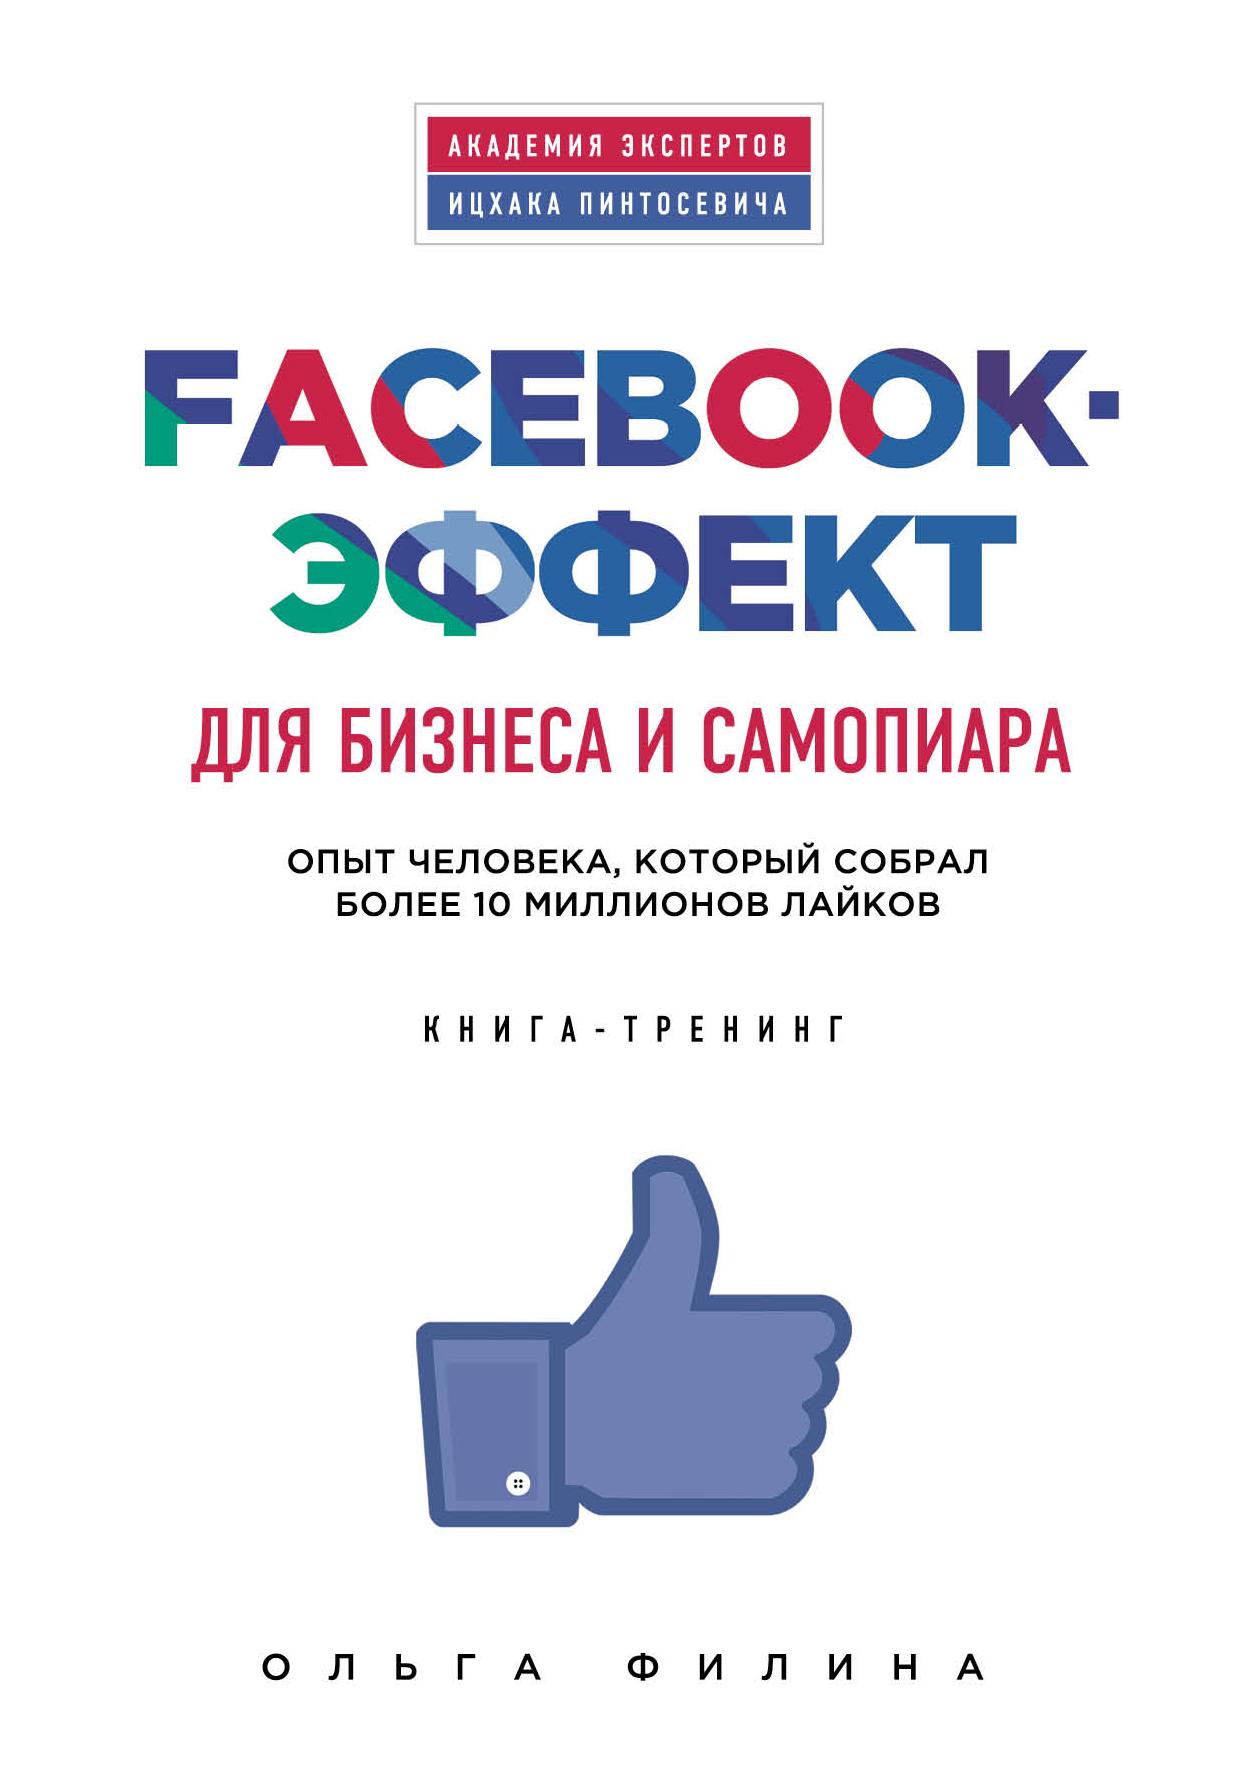 Ольга Филина. Facebook-эффект для бизнеса и самопиара. Опыт человека, который собрал более 10 миллионов лайков. Книга-тренинг